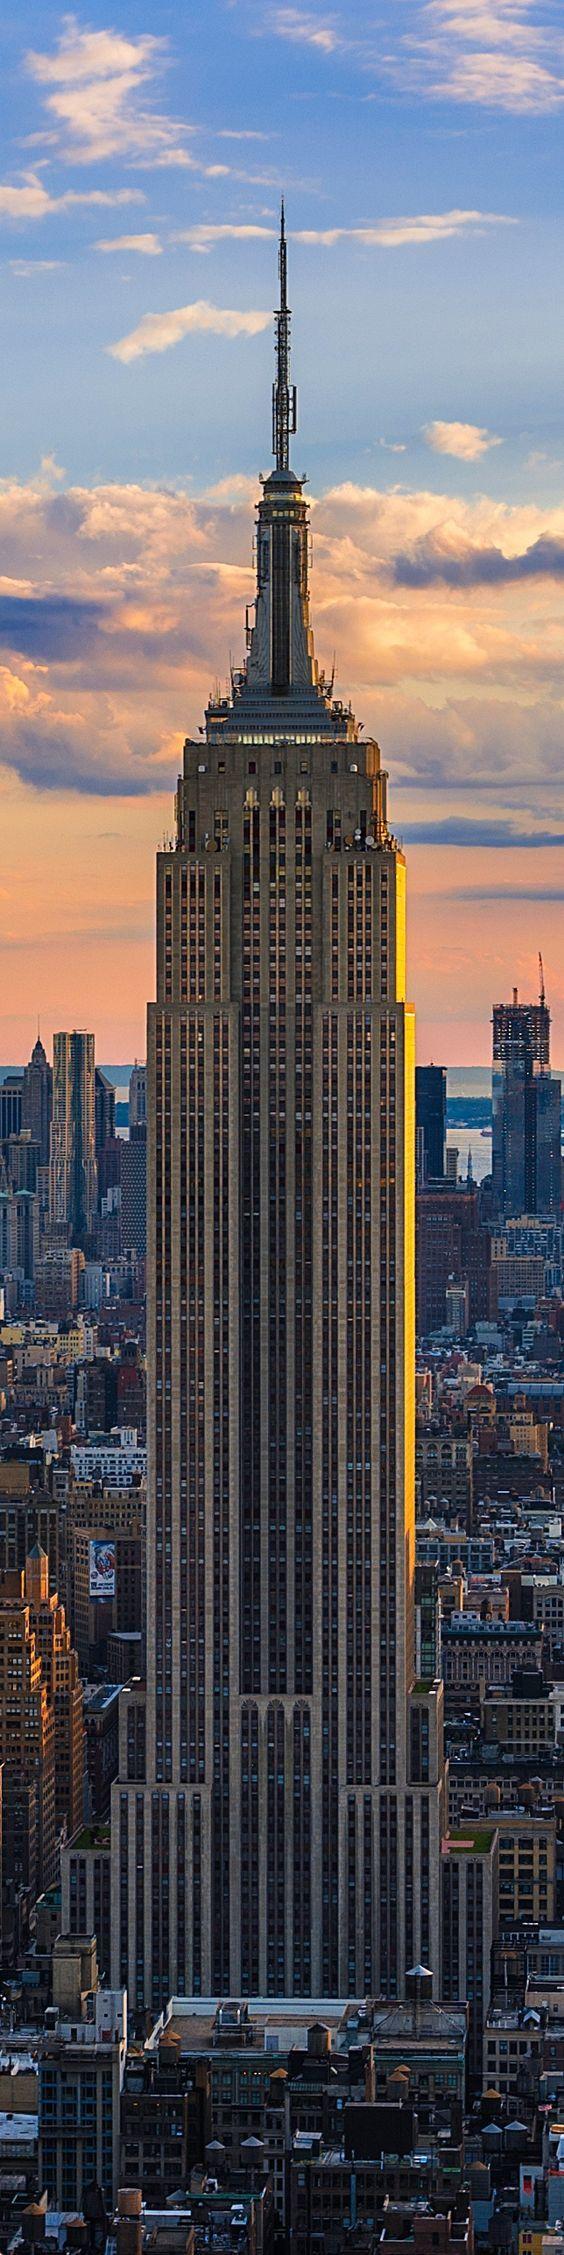 On aurait dit le plus grand immeuble de l'univers!!!!!